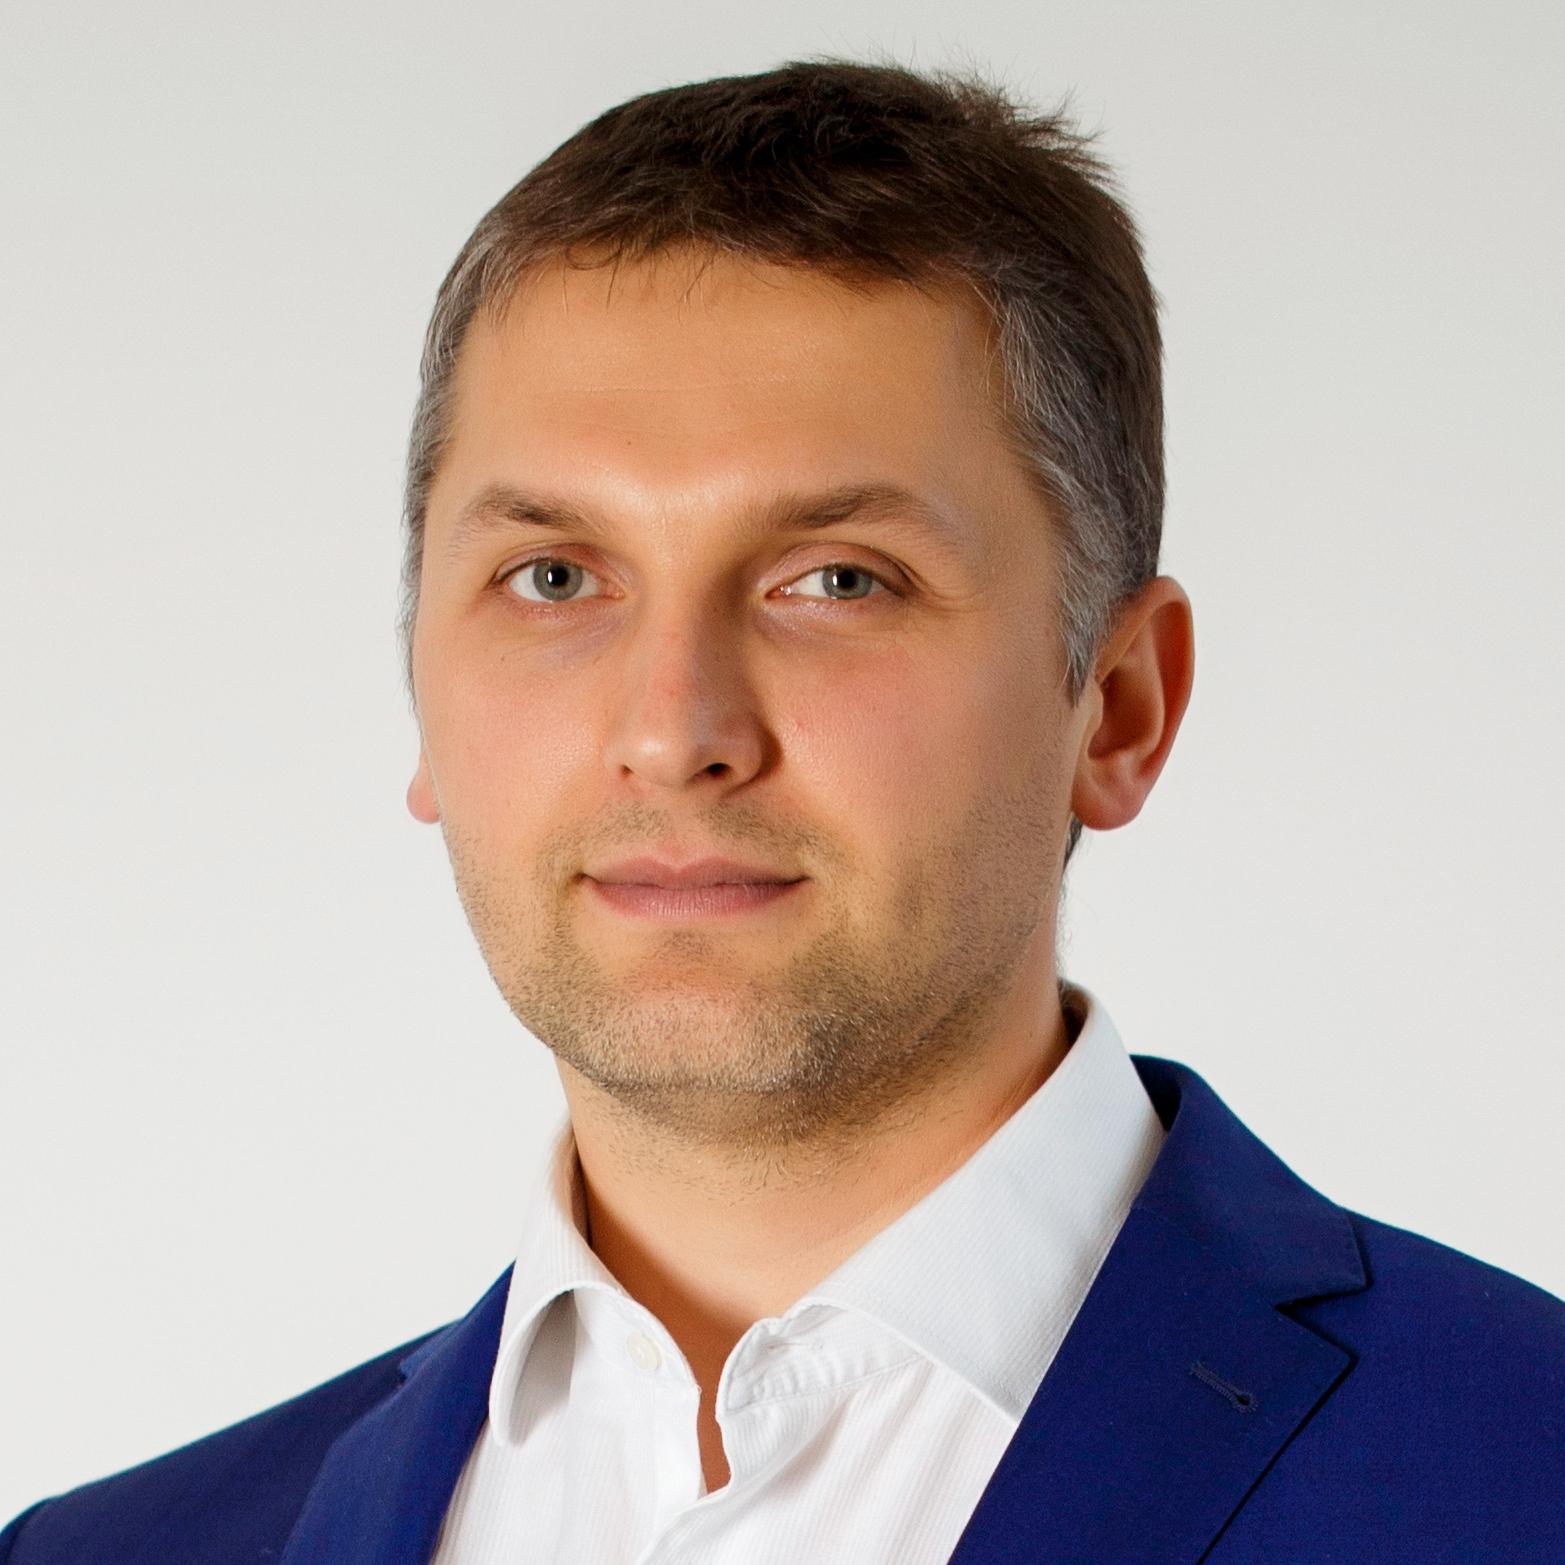 Щегольков Тимофей Иванович РосГосБибл